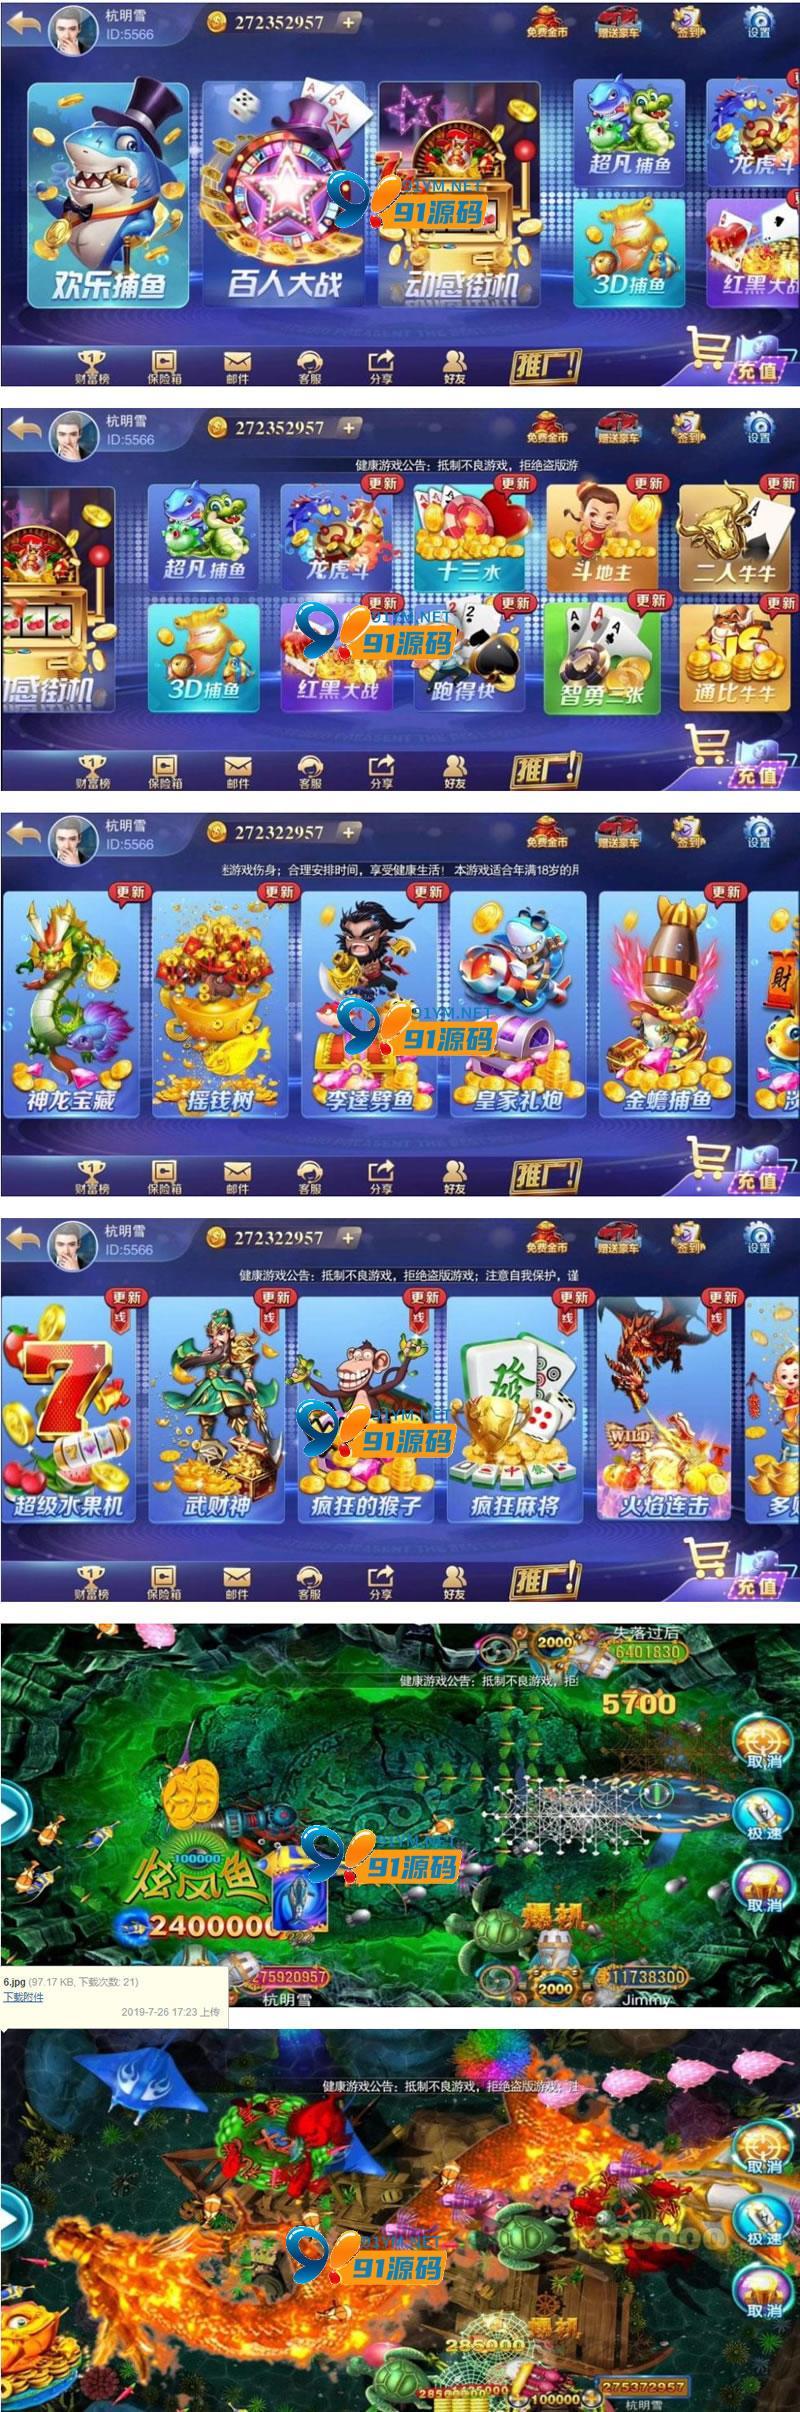 图片[1]-富贵3电玩城26款游戏运营级别组件